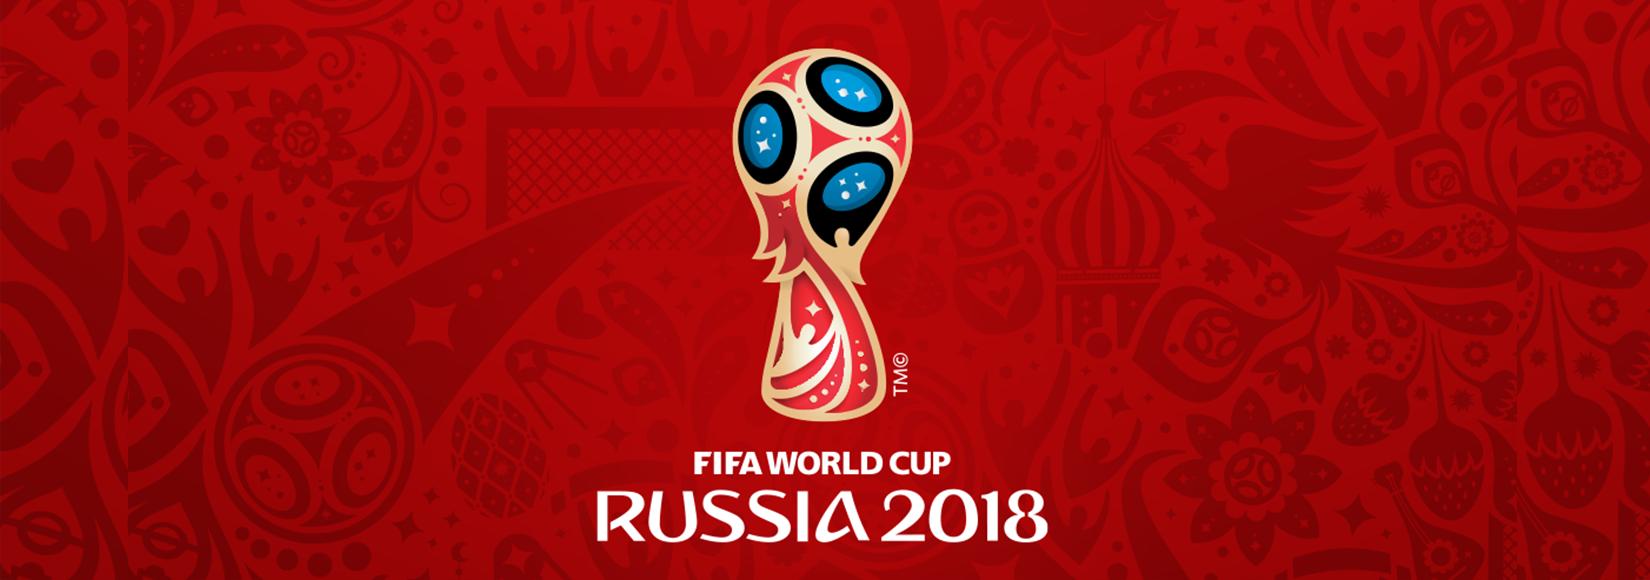 ورزشگاه های شهر مسکو